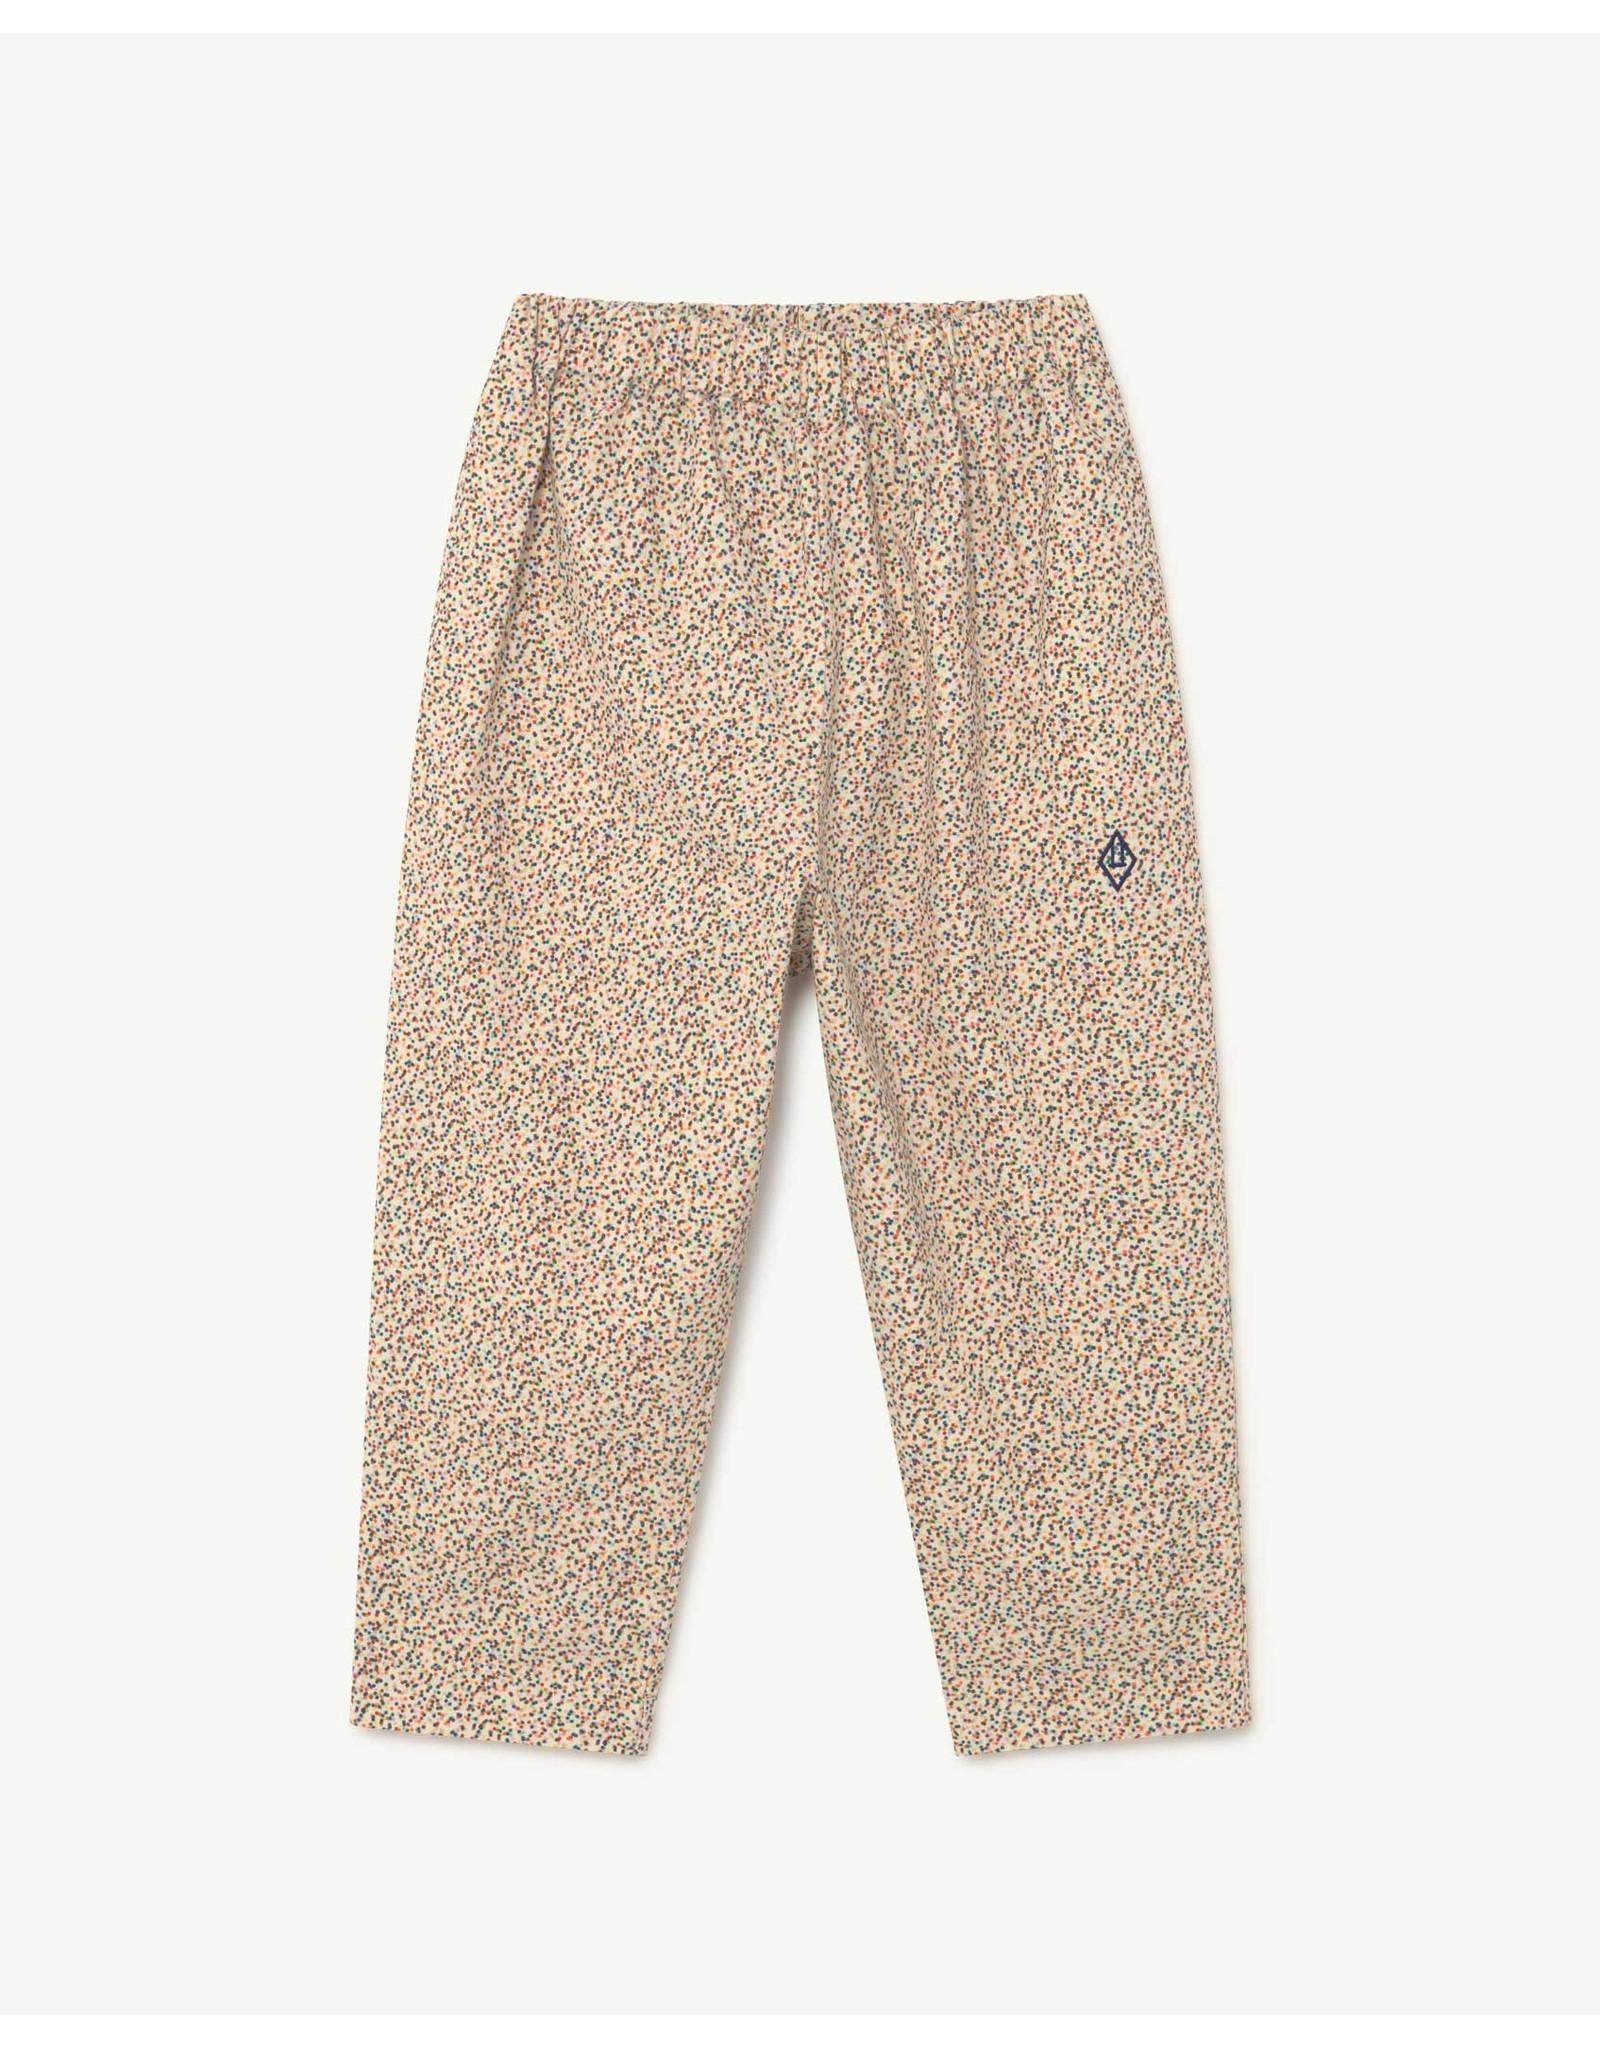 TAO PF21 126 Elephant Kids trousers